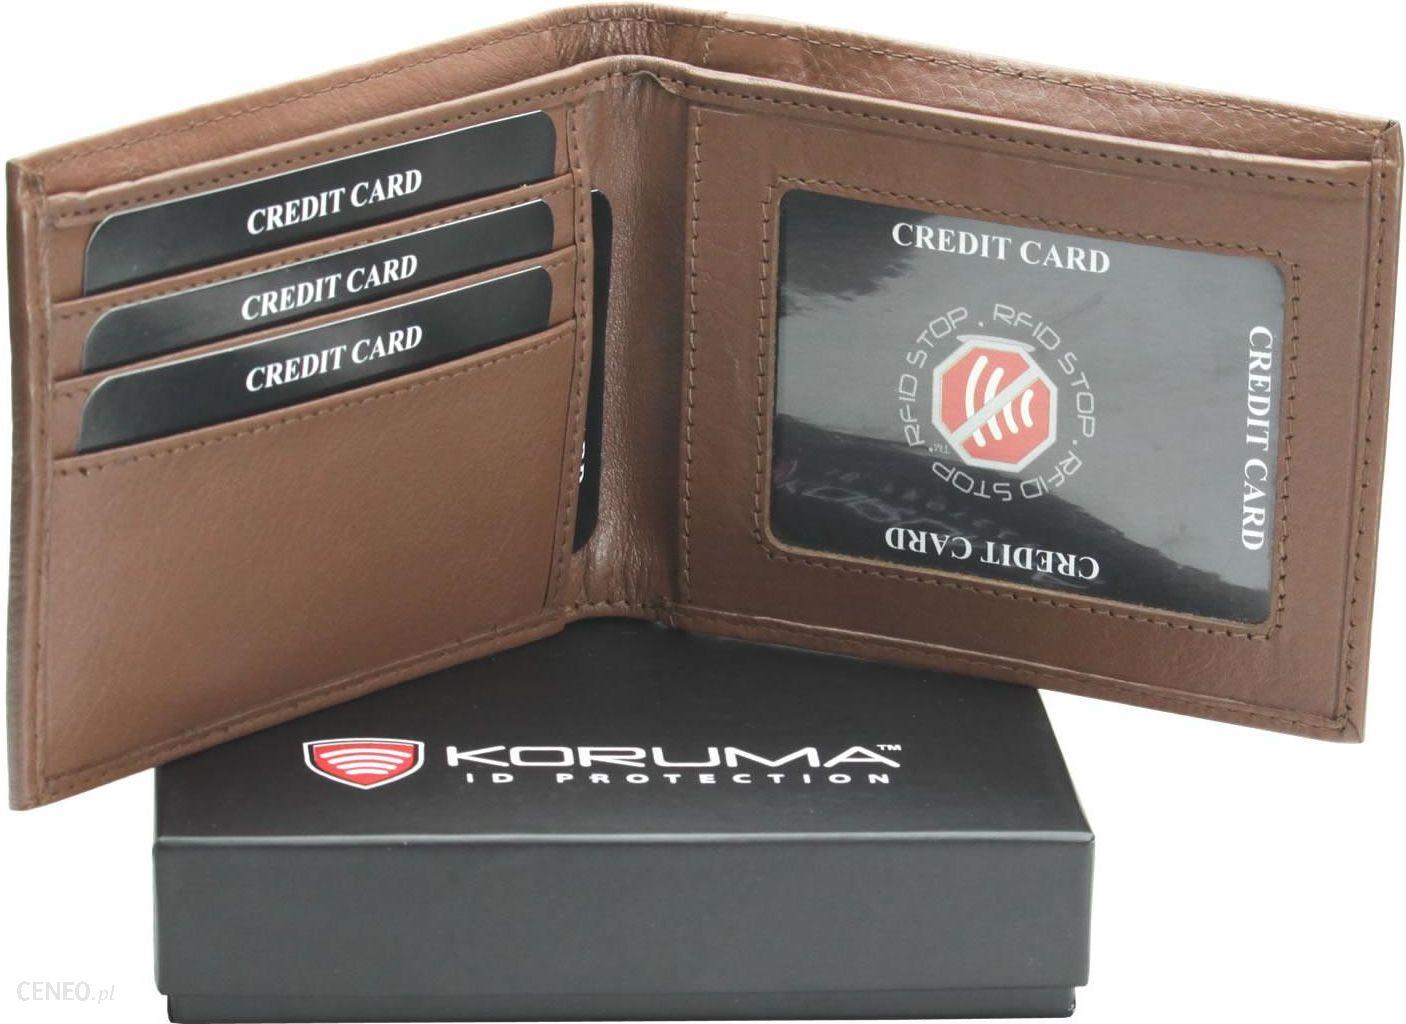 e2dfed23f060a Portfel Slim +100% Ochrona Kart Zbliżeniowych Rfid - Ceny i opinie ...